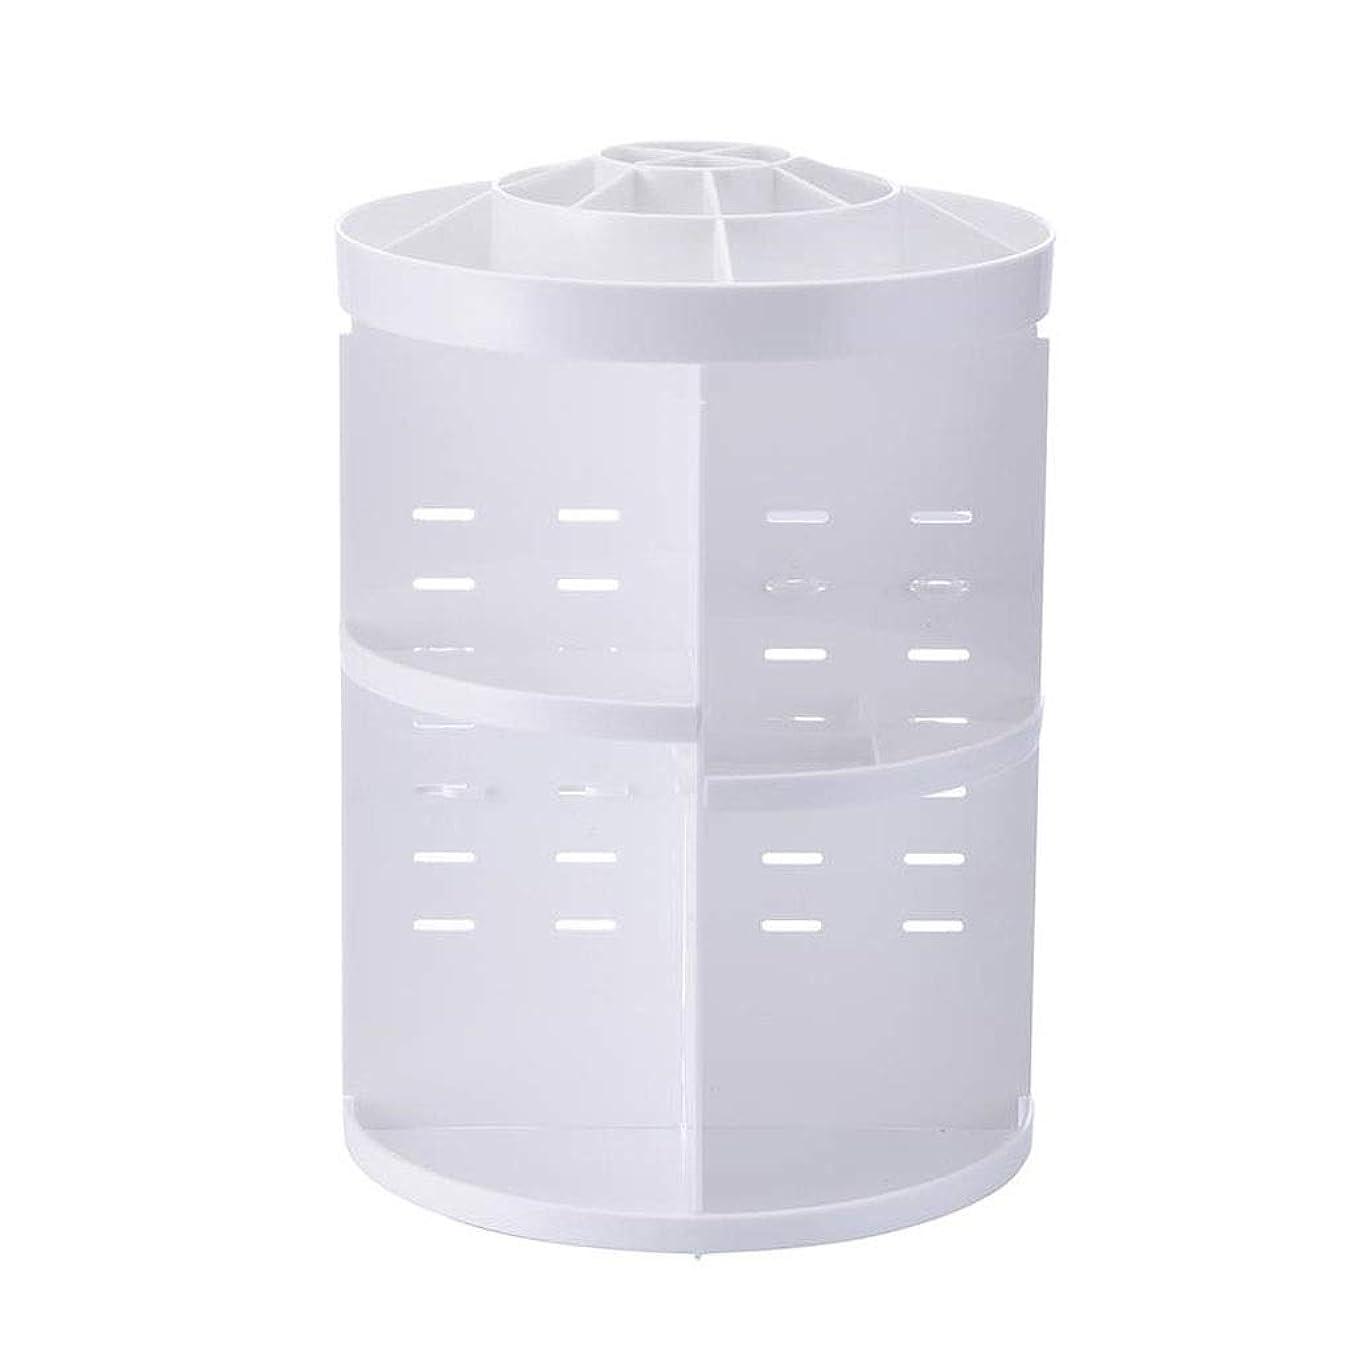 亡命団結瞑想するLDG 化粧品収納ボックス、360 化粧品ケース- 回転 スキンケア商品 化粧品入れ 卓上収納 寝室 浴室 洗面所 家庭用 (色 : 白)